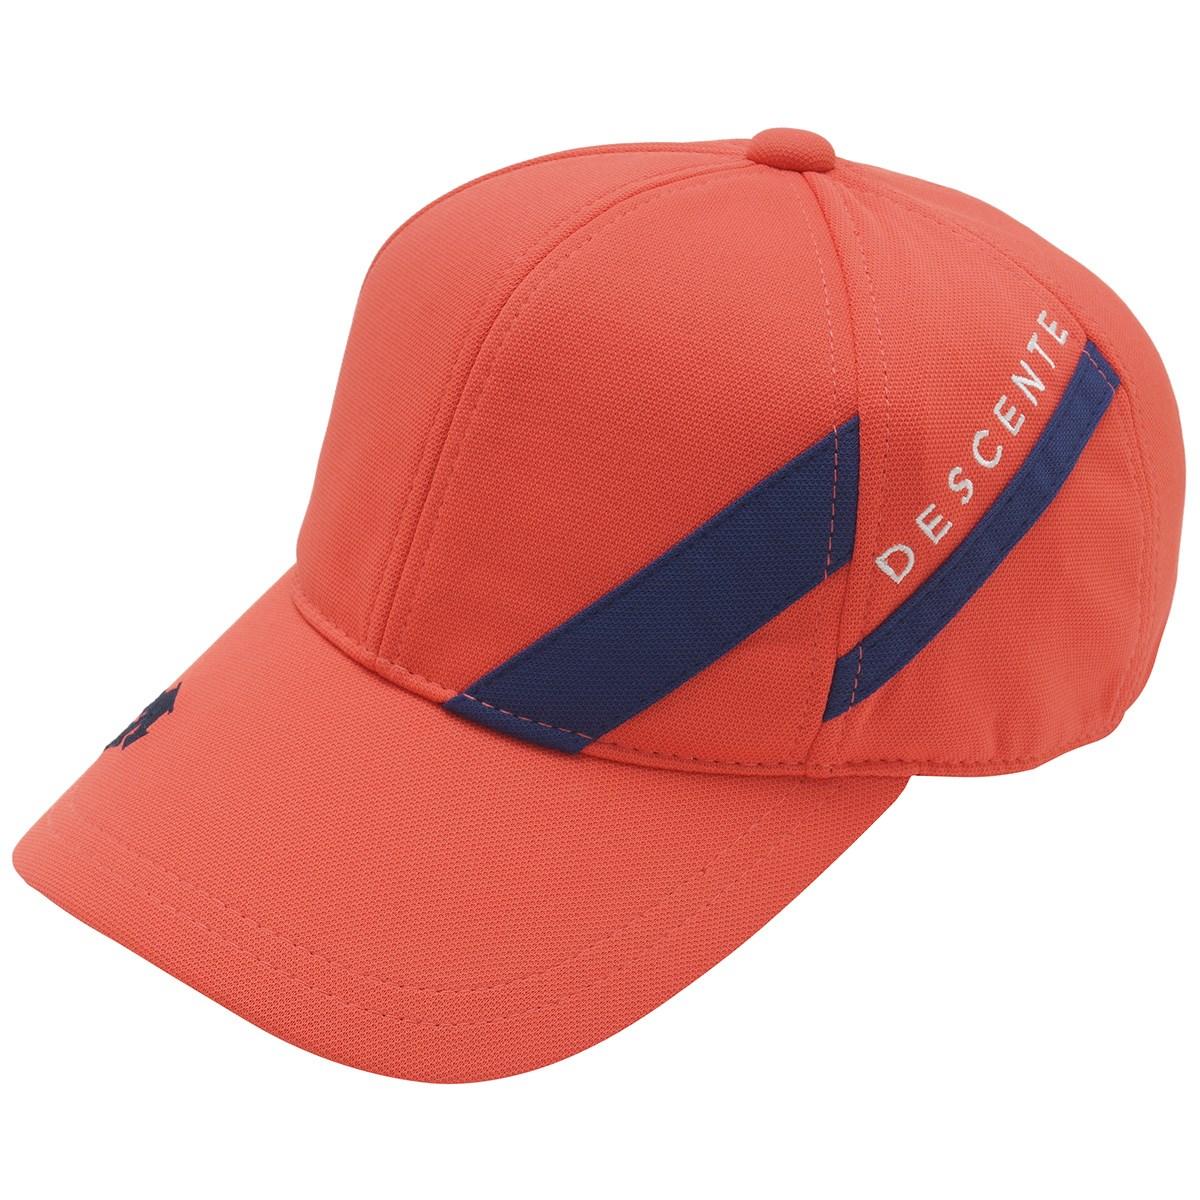 デサントゴルフ DESCENTE GOLF キャップ フリー オレンジ 00